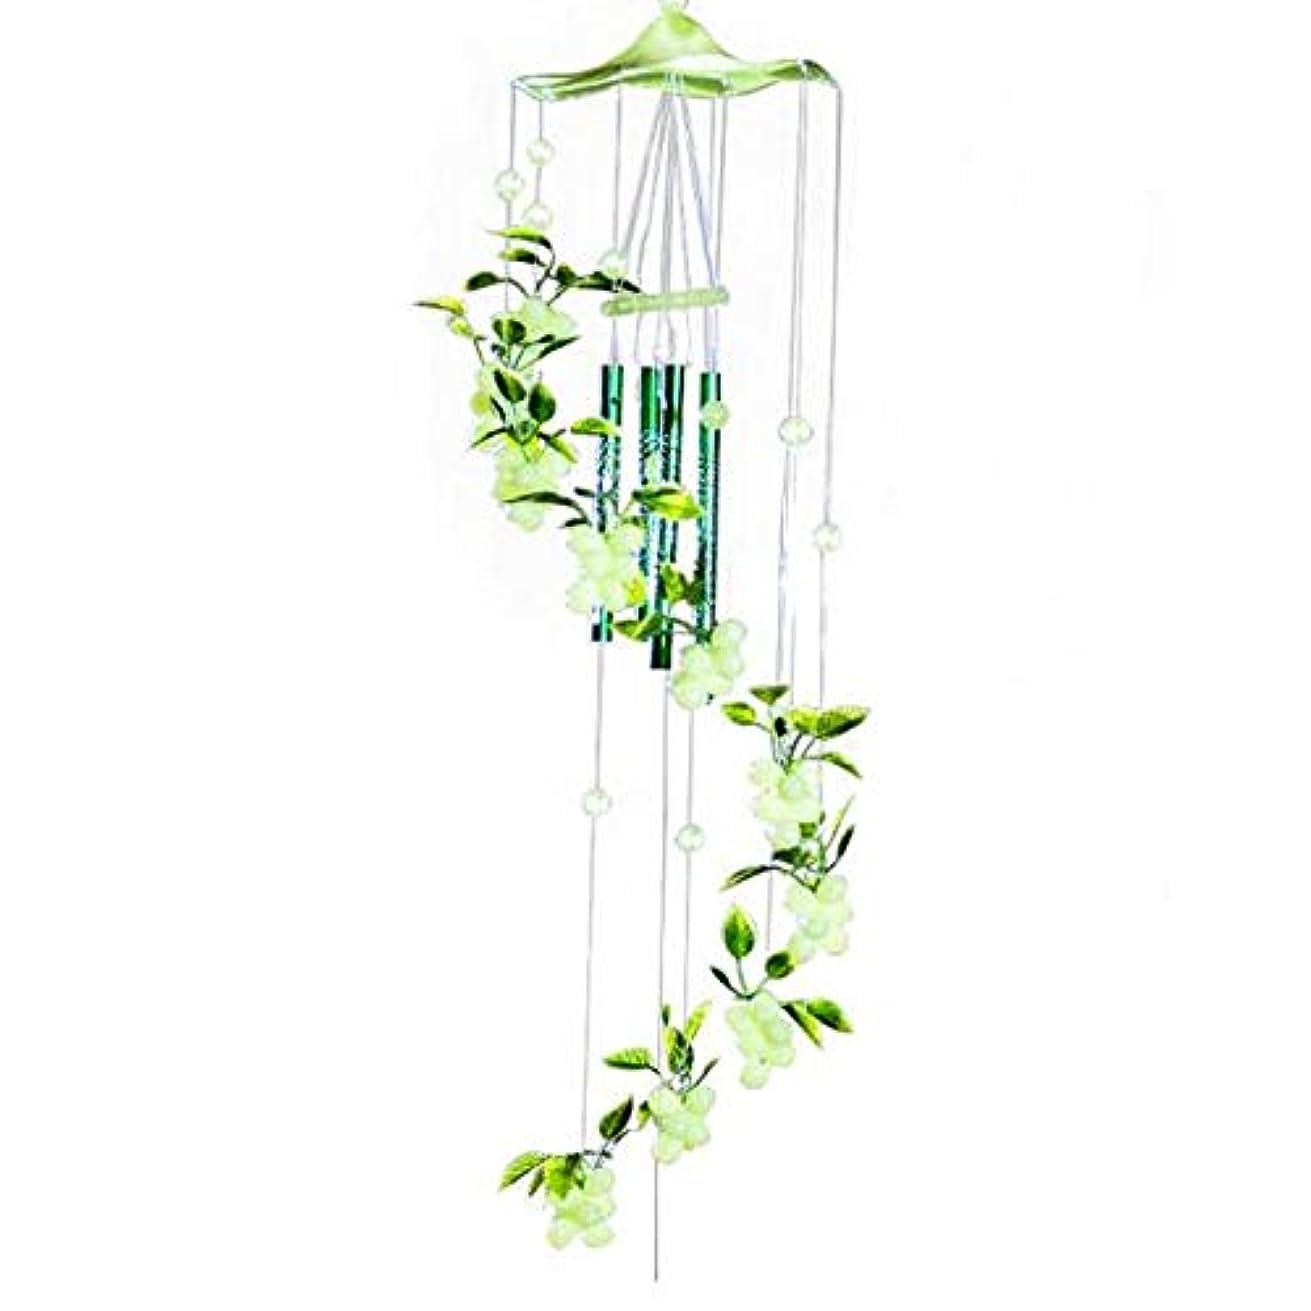 とティーム裁判所開示するJielongtongxun 風チャイム、メタルブドウ風チャイム、グリーン、全身について70CM,絶妙な飾り